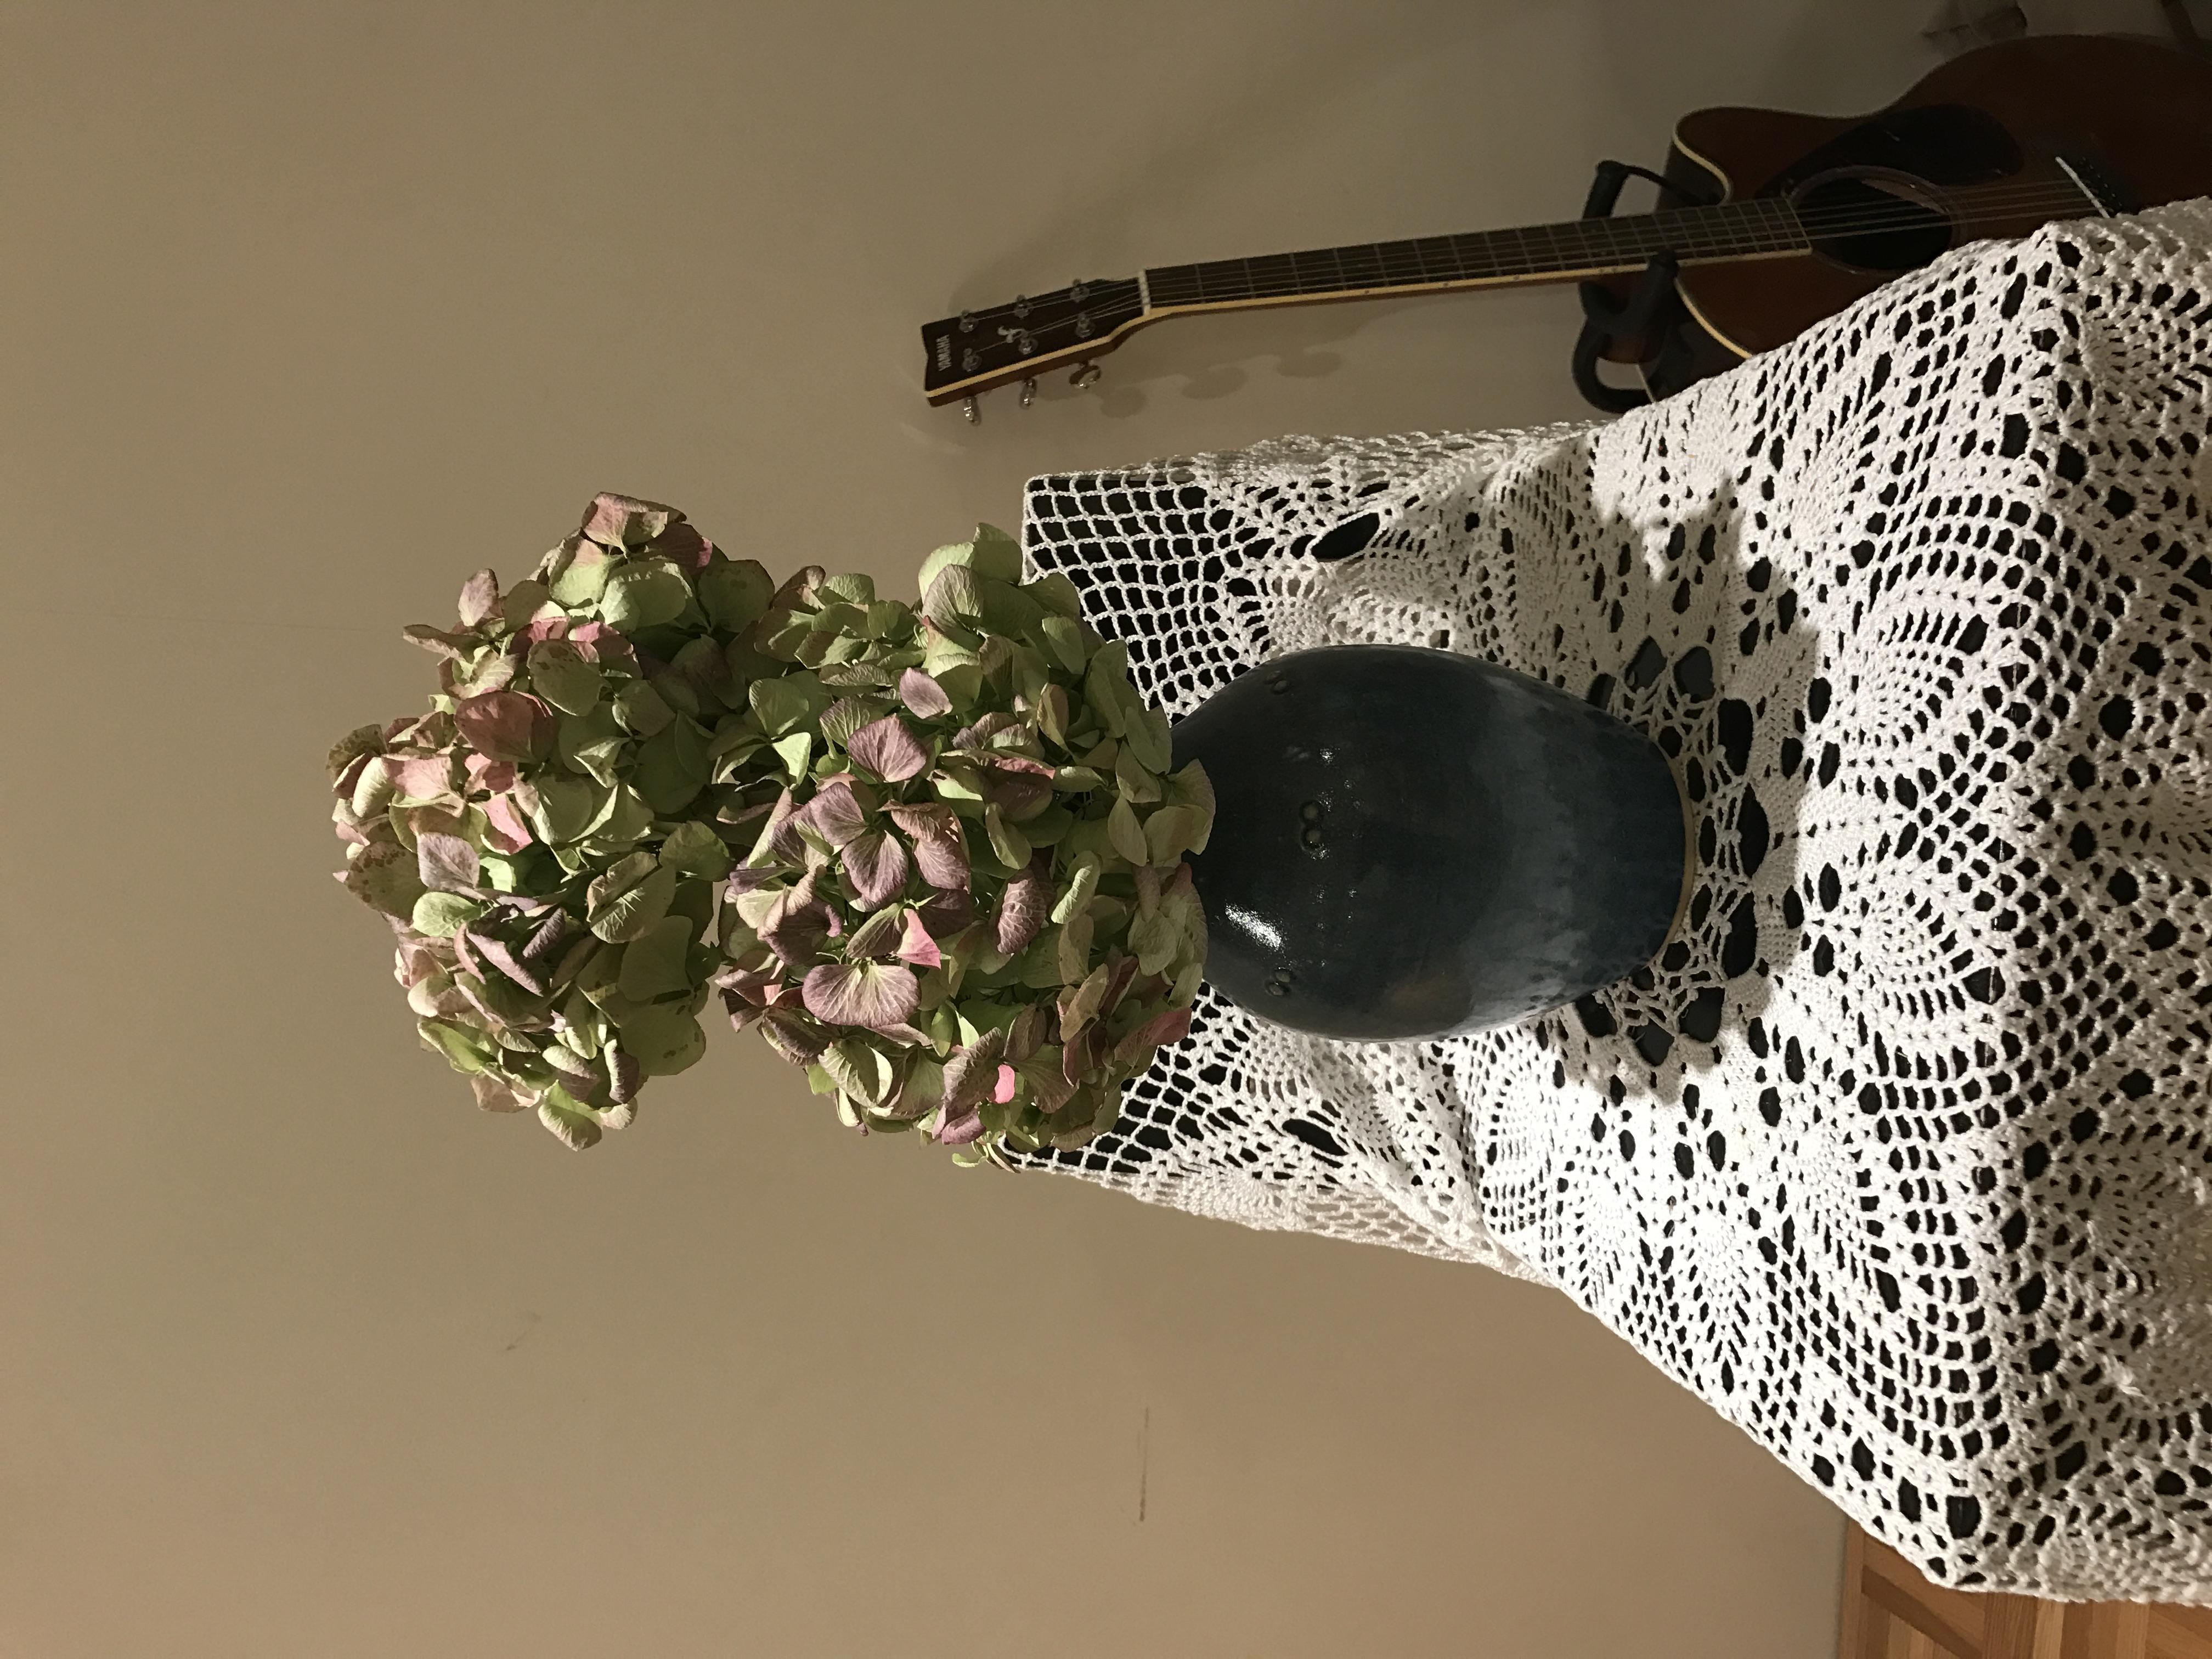 2017/3/19、聖日礼拝のお花